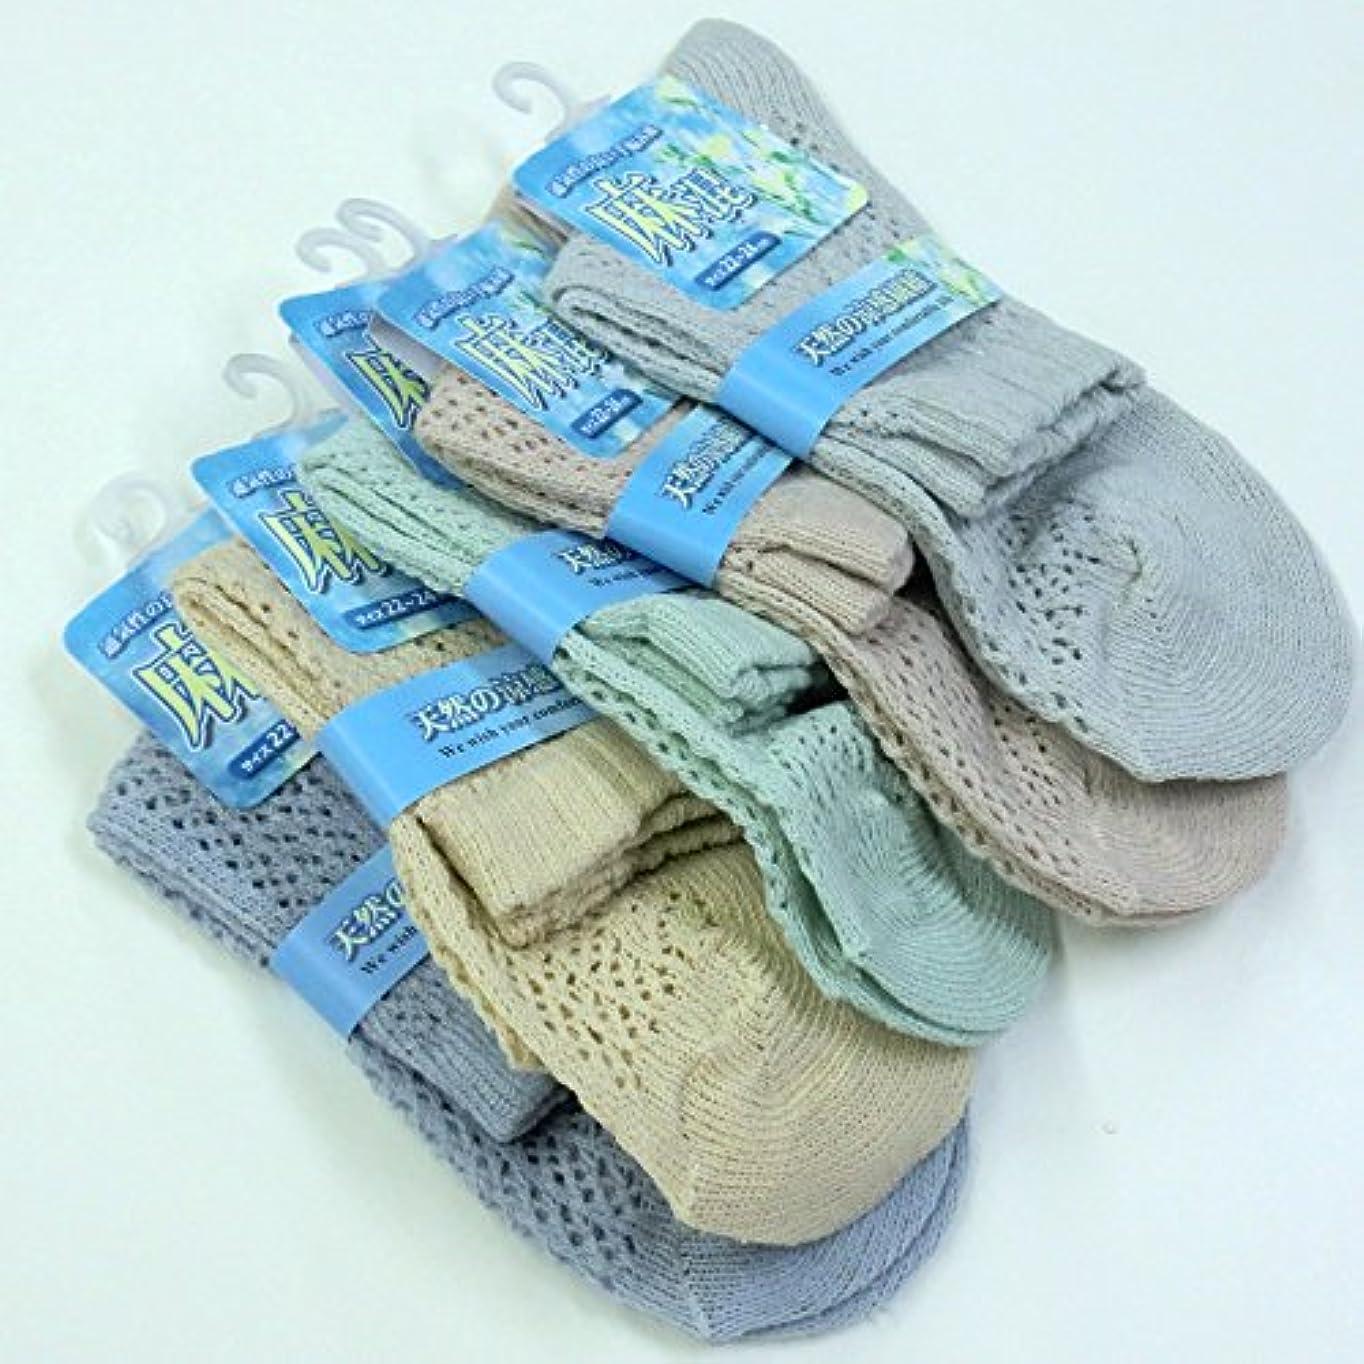 是正飢え脳靴下 レディース 麻混 涼しいルミーソックス おしゃれ手編み風 5色5足組